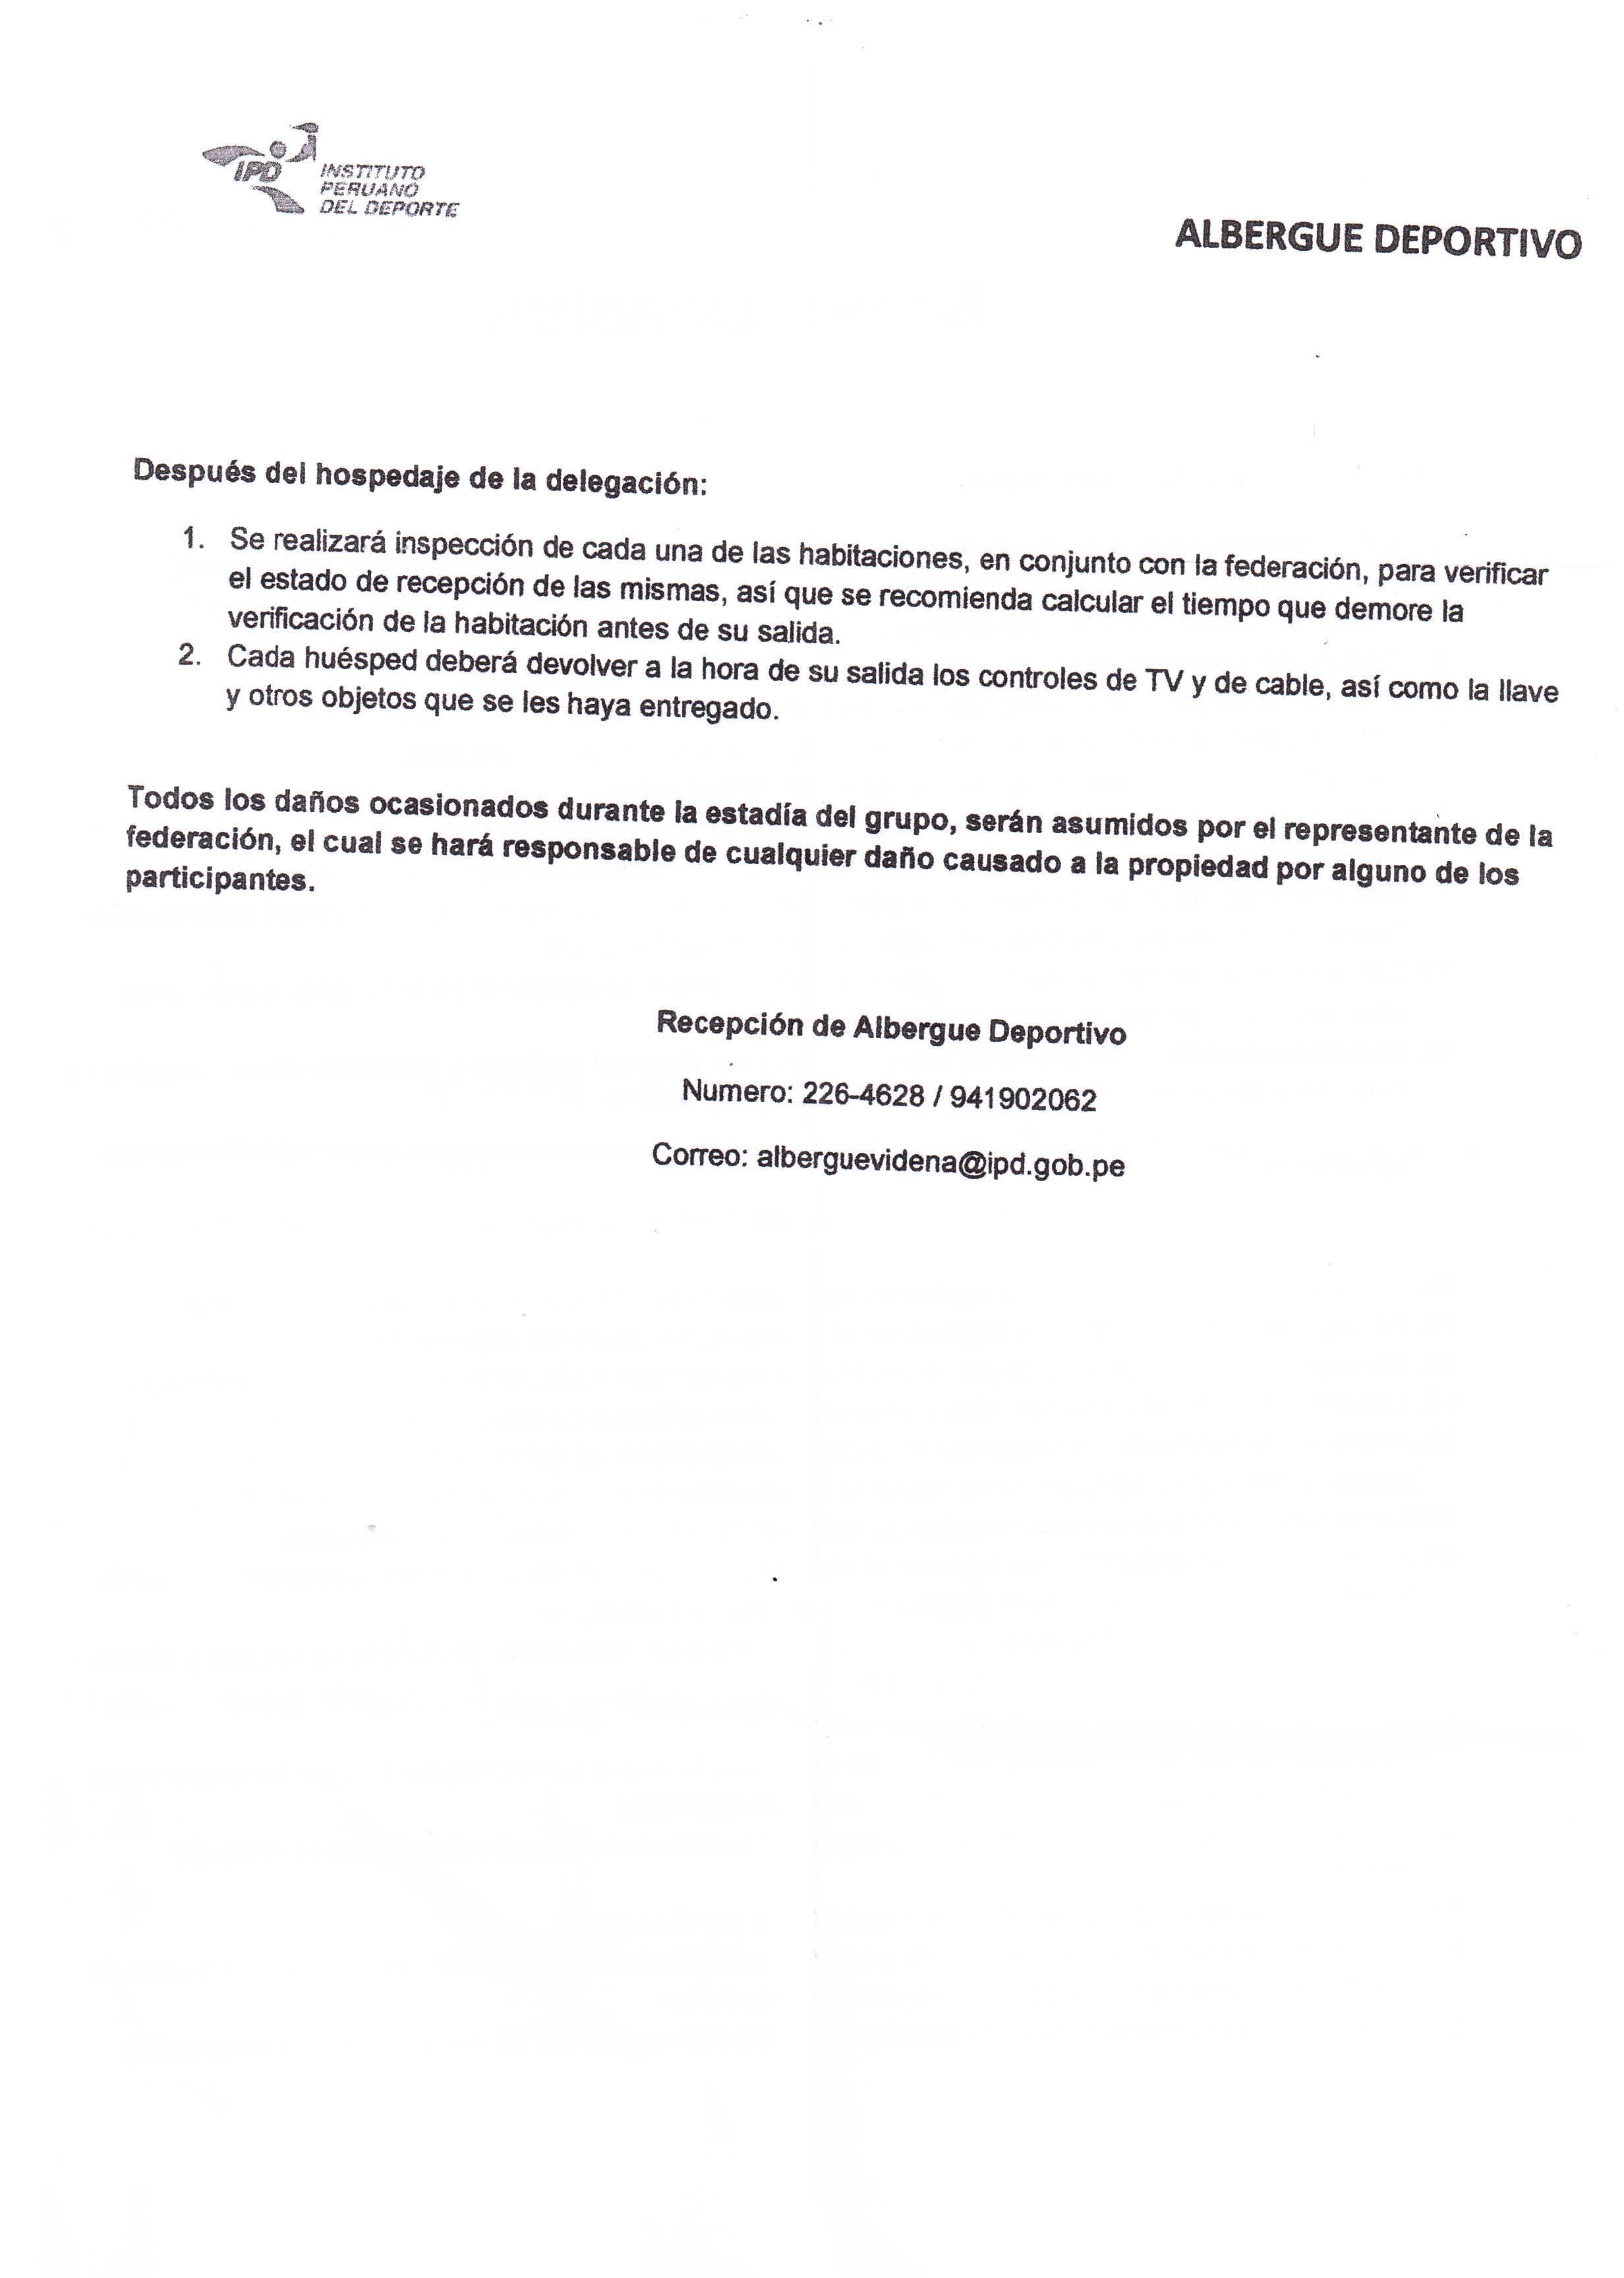 reglamento-videna-2